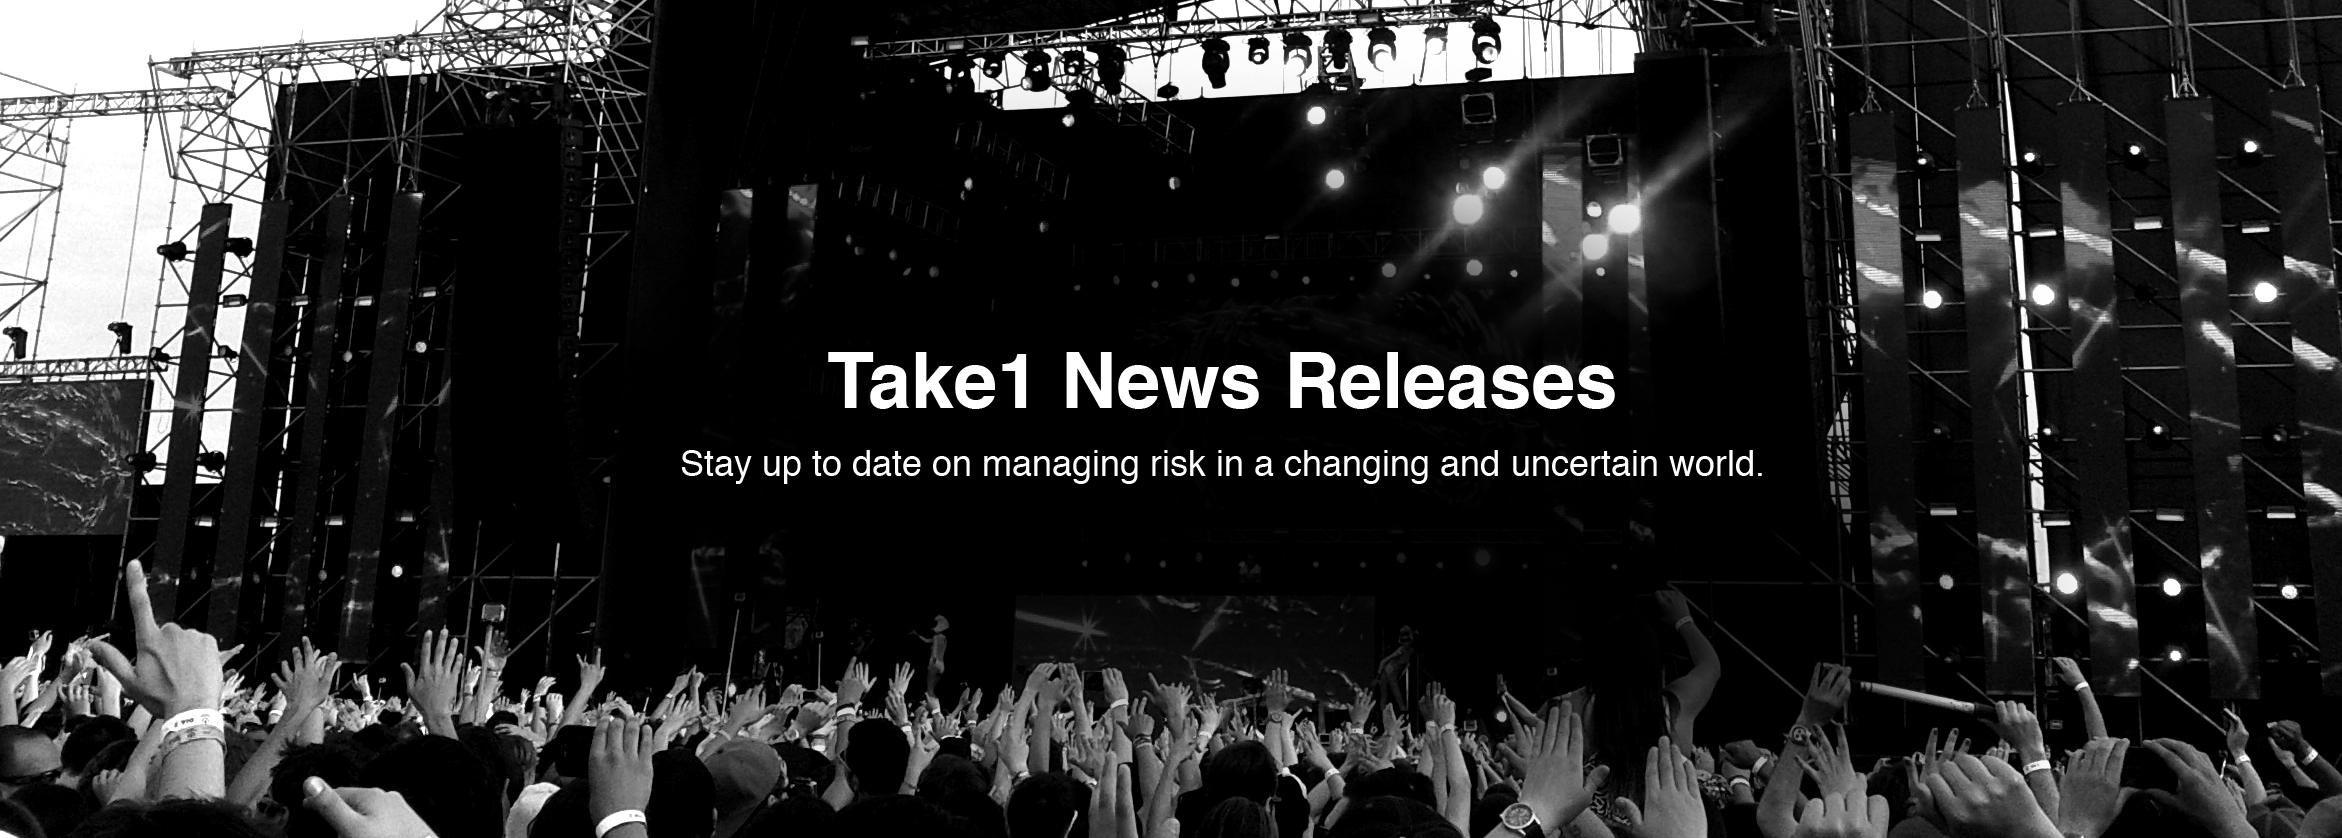 News Releases.jpg